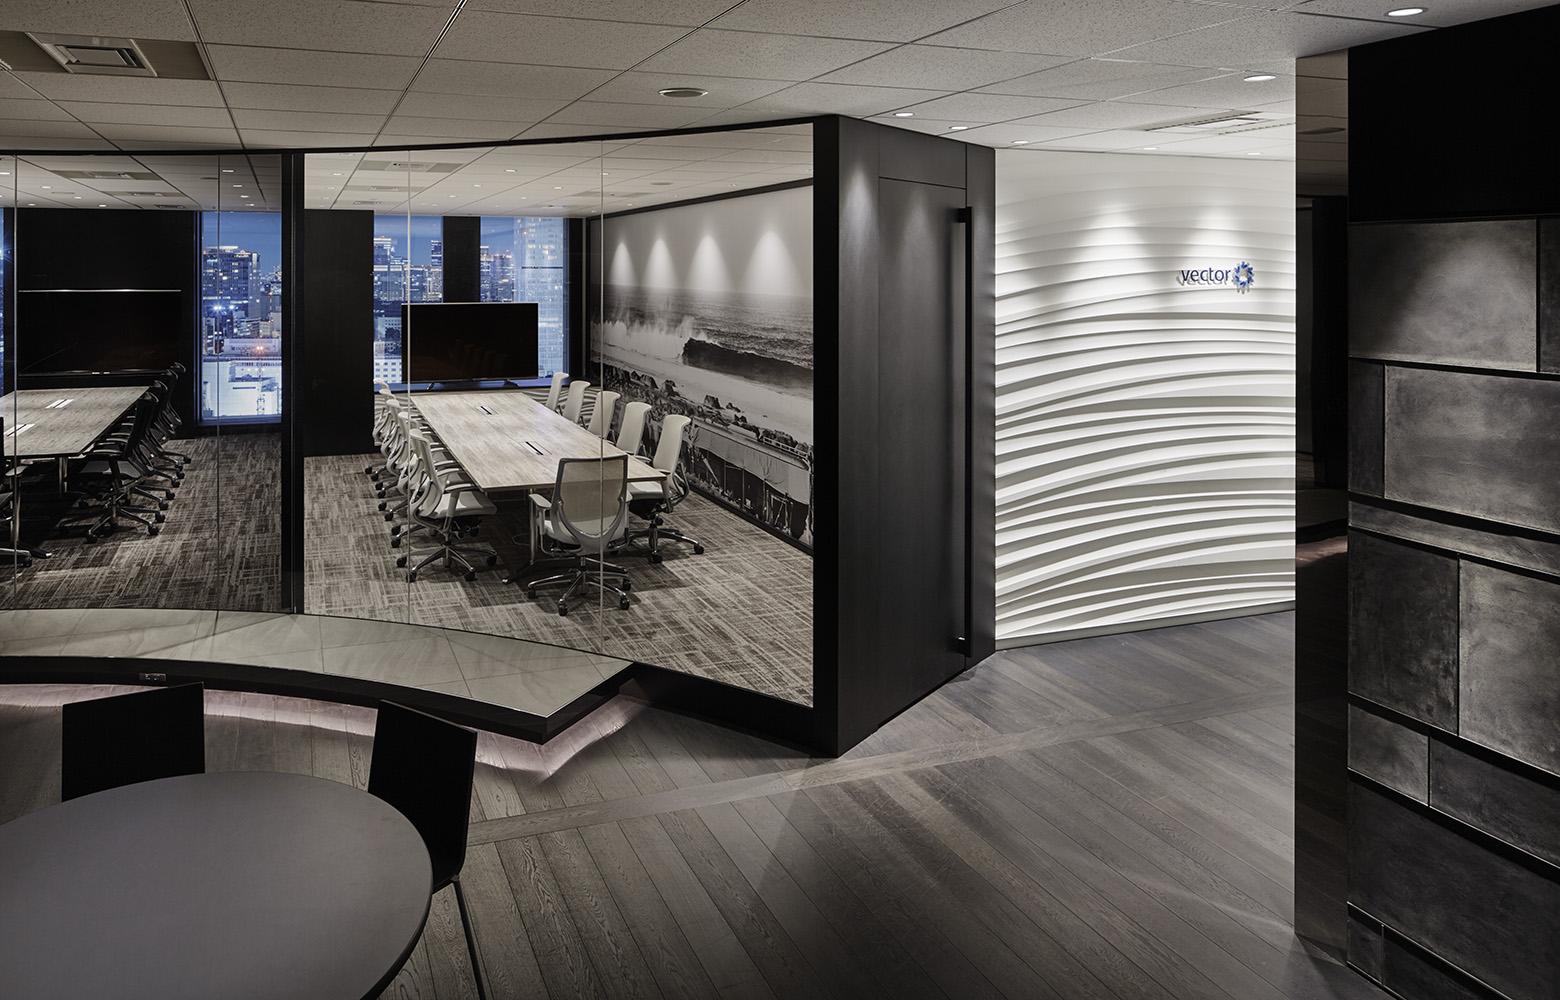 株式会社ベクトル Meeting Room デザイン・レイアウト事例